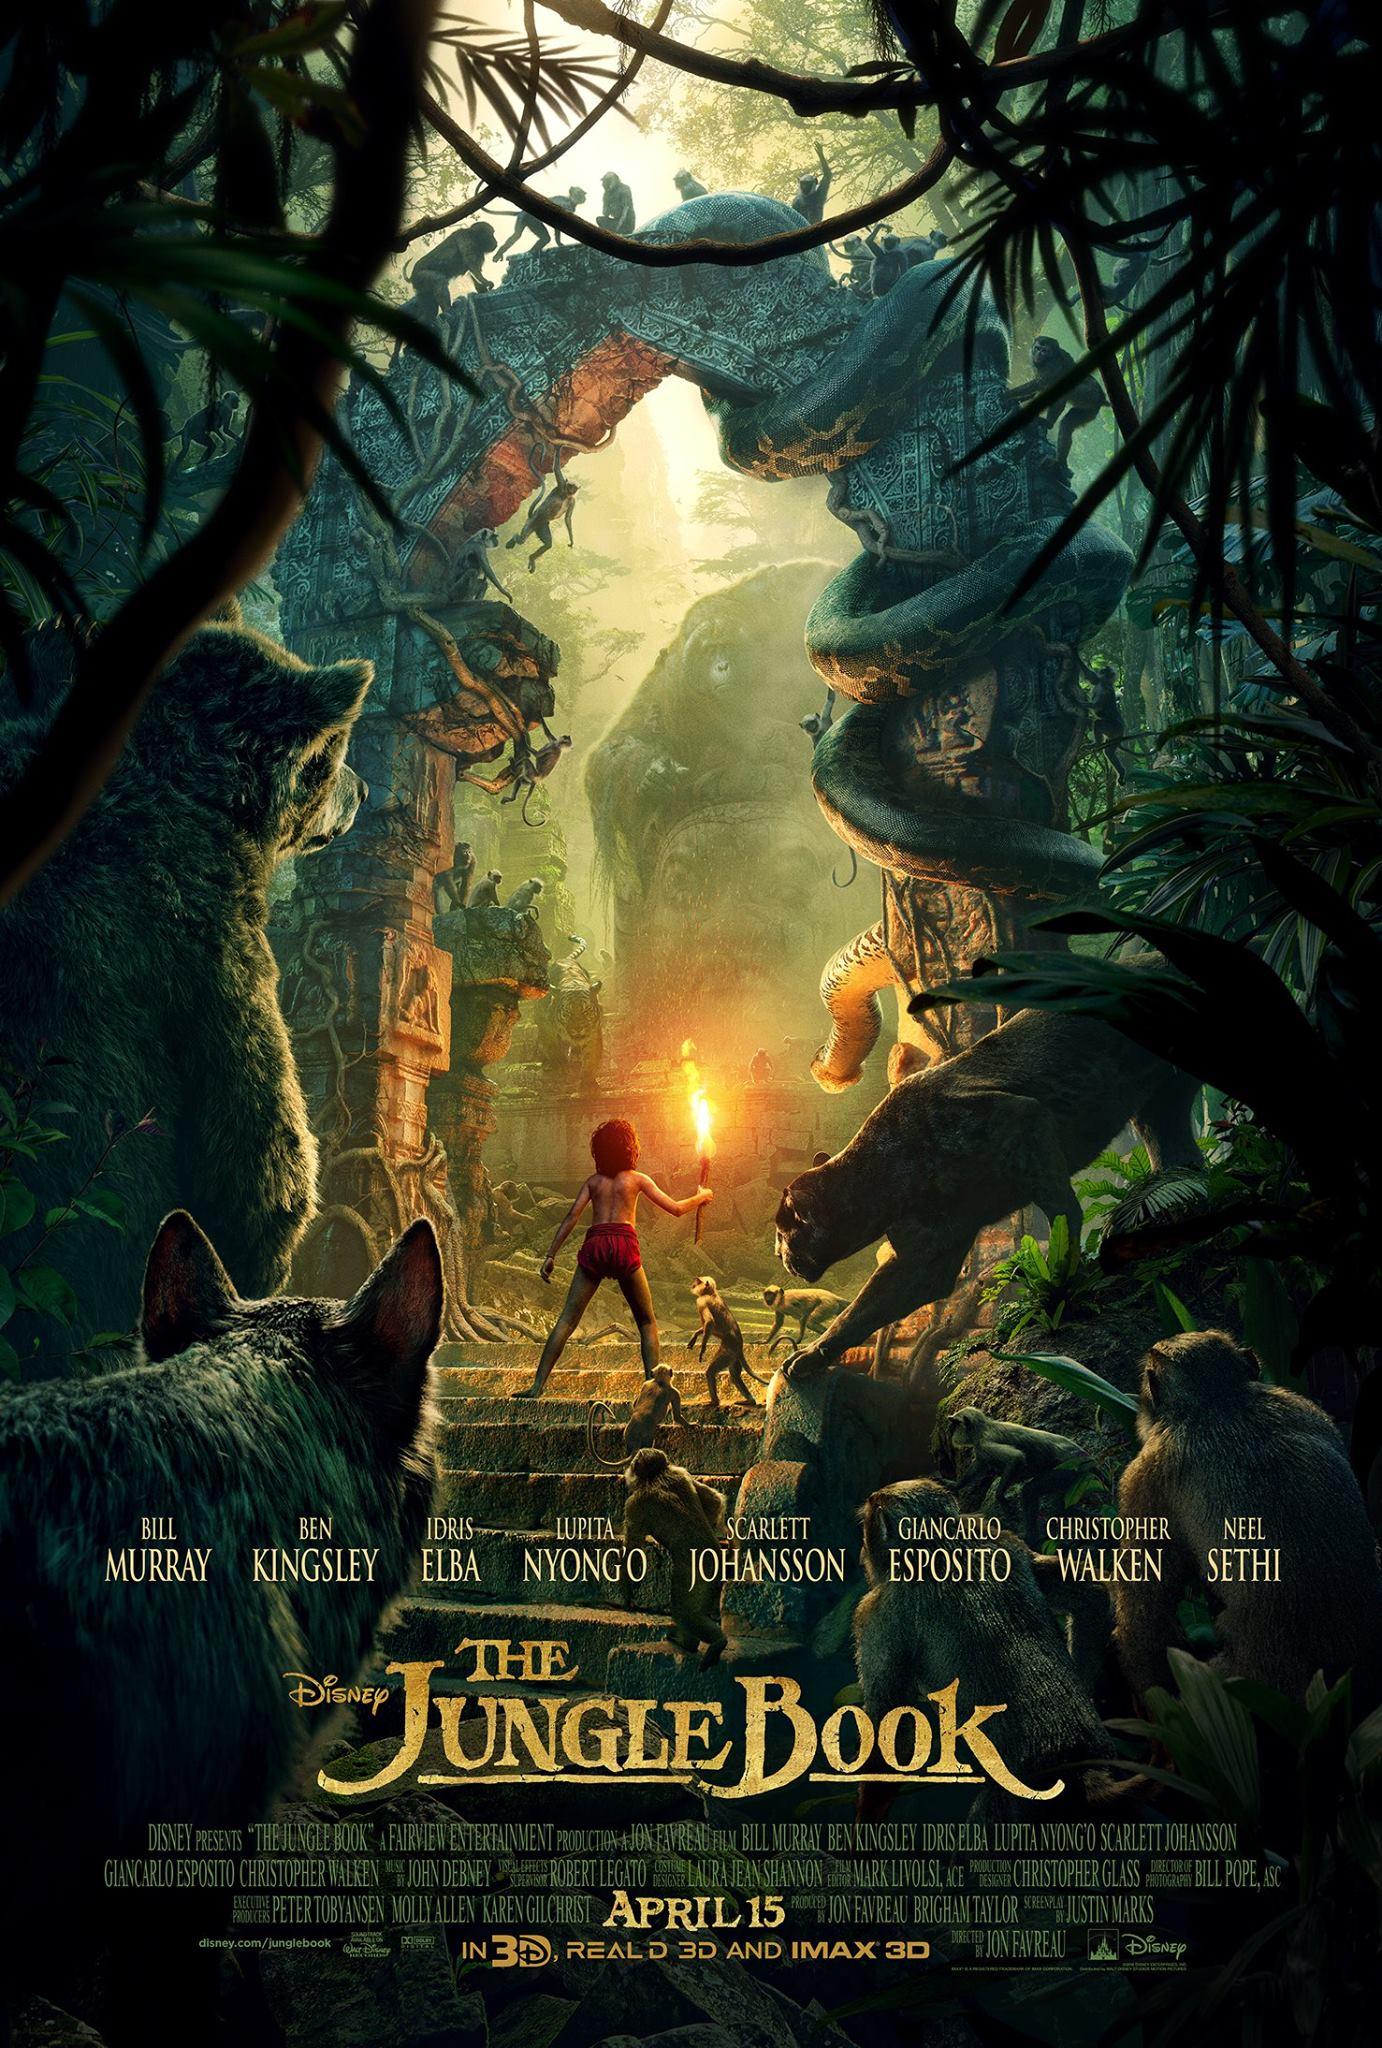 Jungle Book Film In Tamil